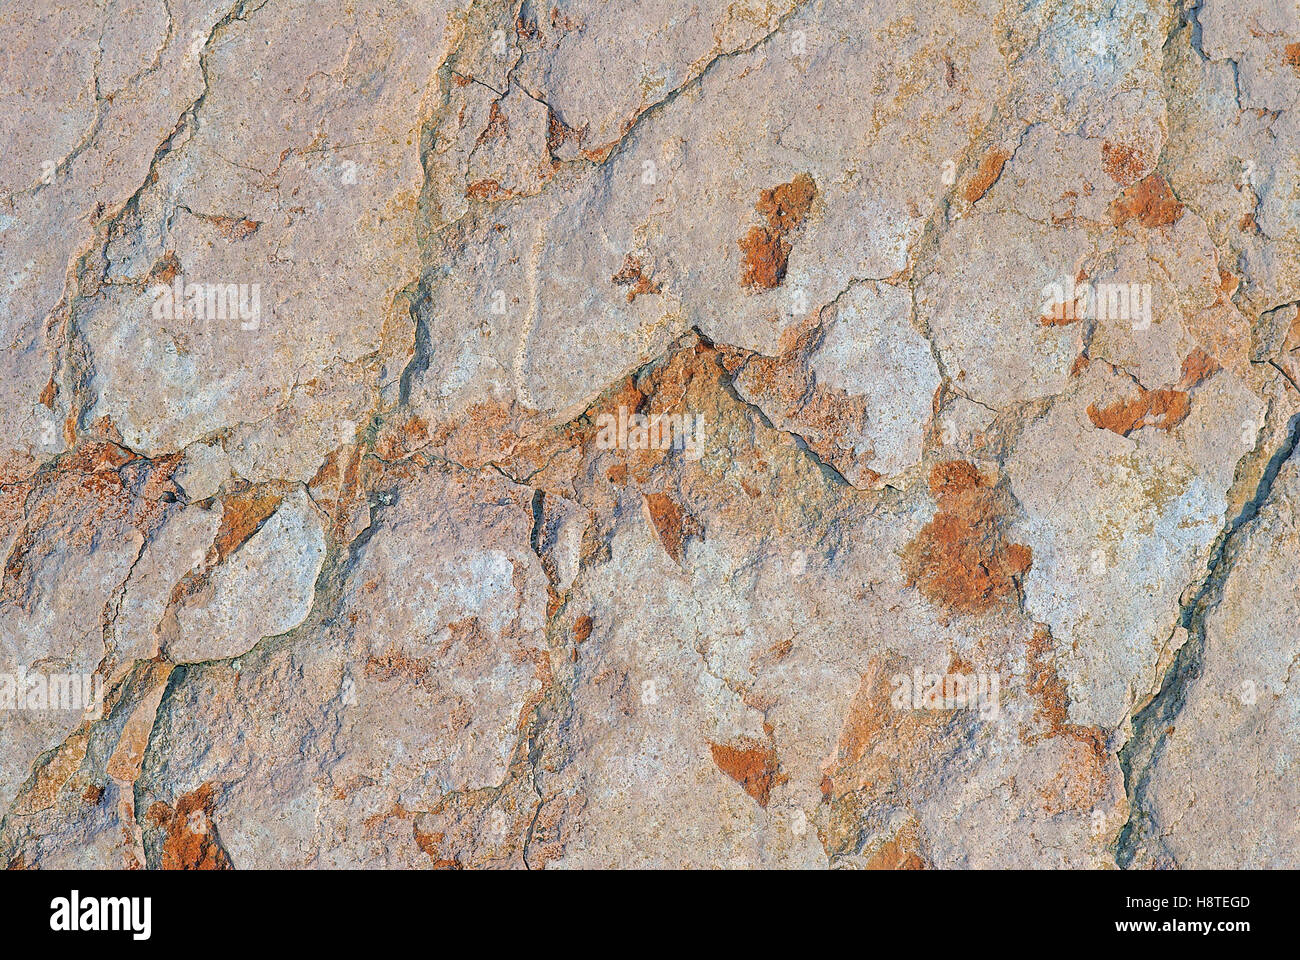 """Natural """"scaglia rossa"""" red limestone, Italy Stock Photo"""